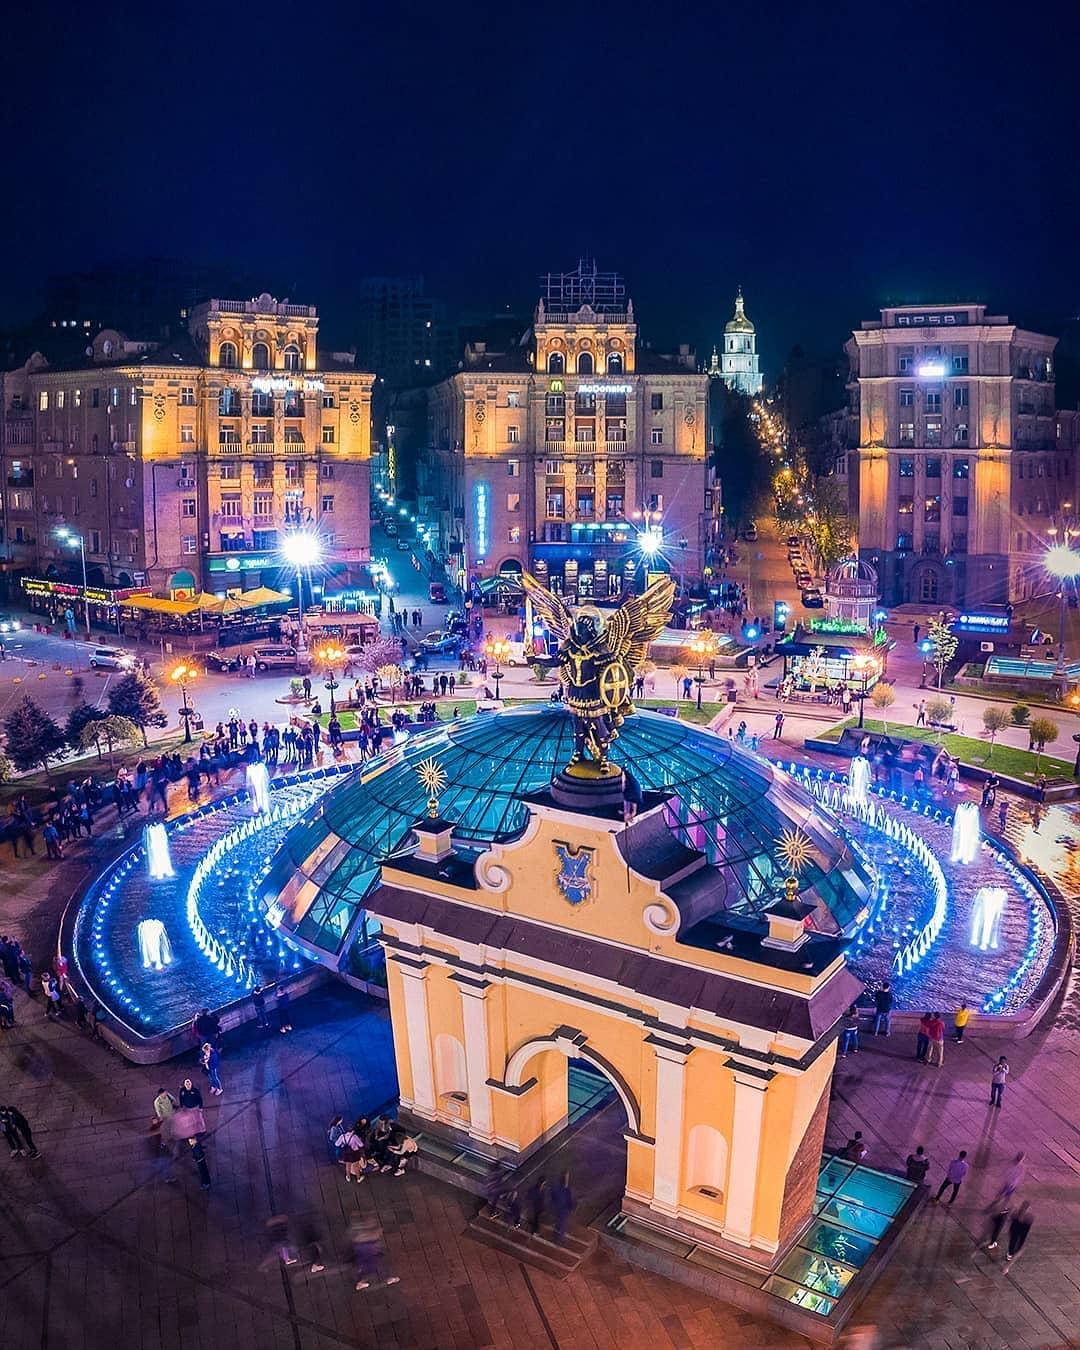 Ну а центр столицы, уже привычно, переливается яркими красками. Фото от @kharkiv_pixel